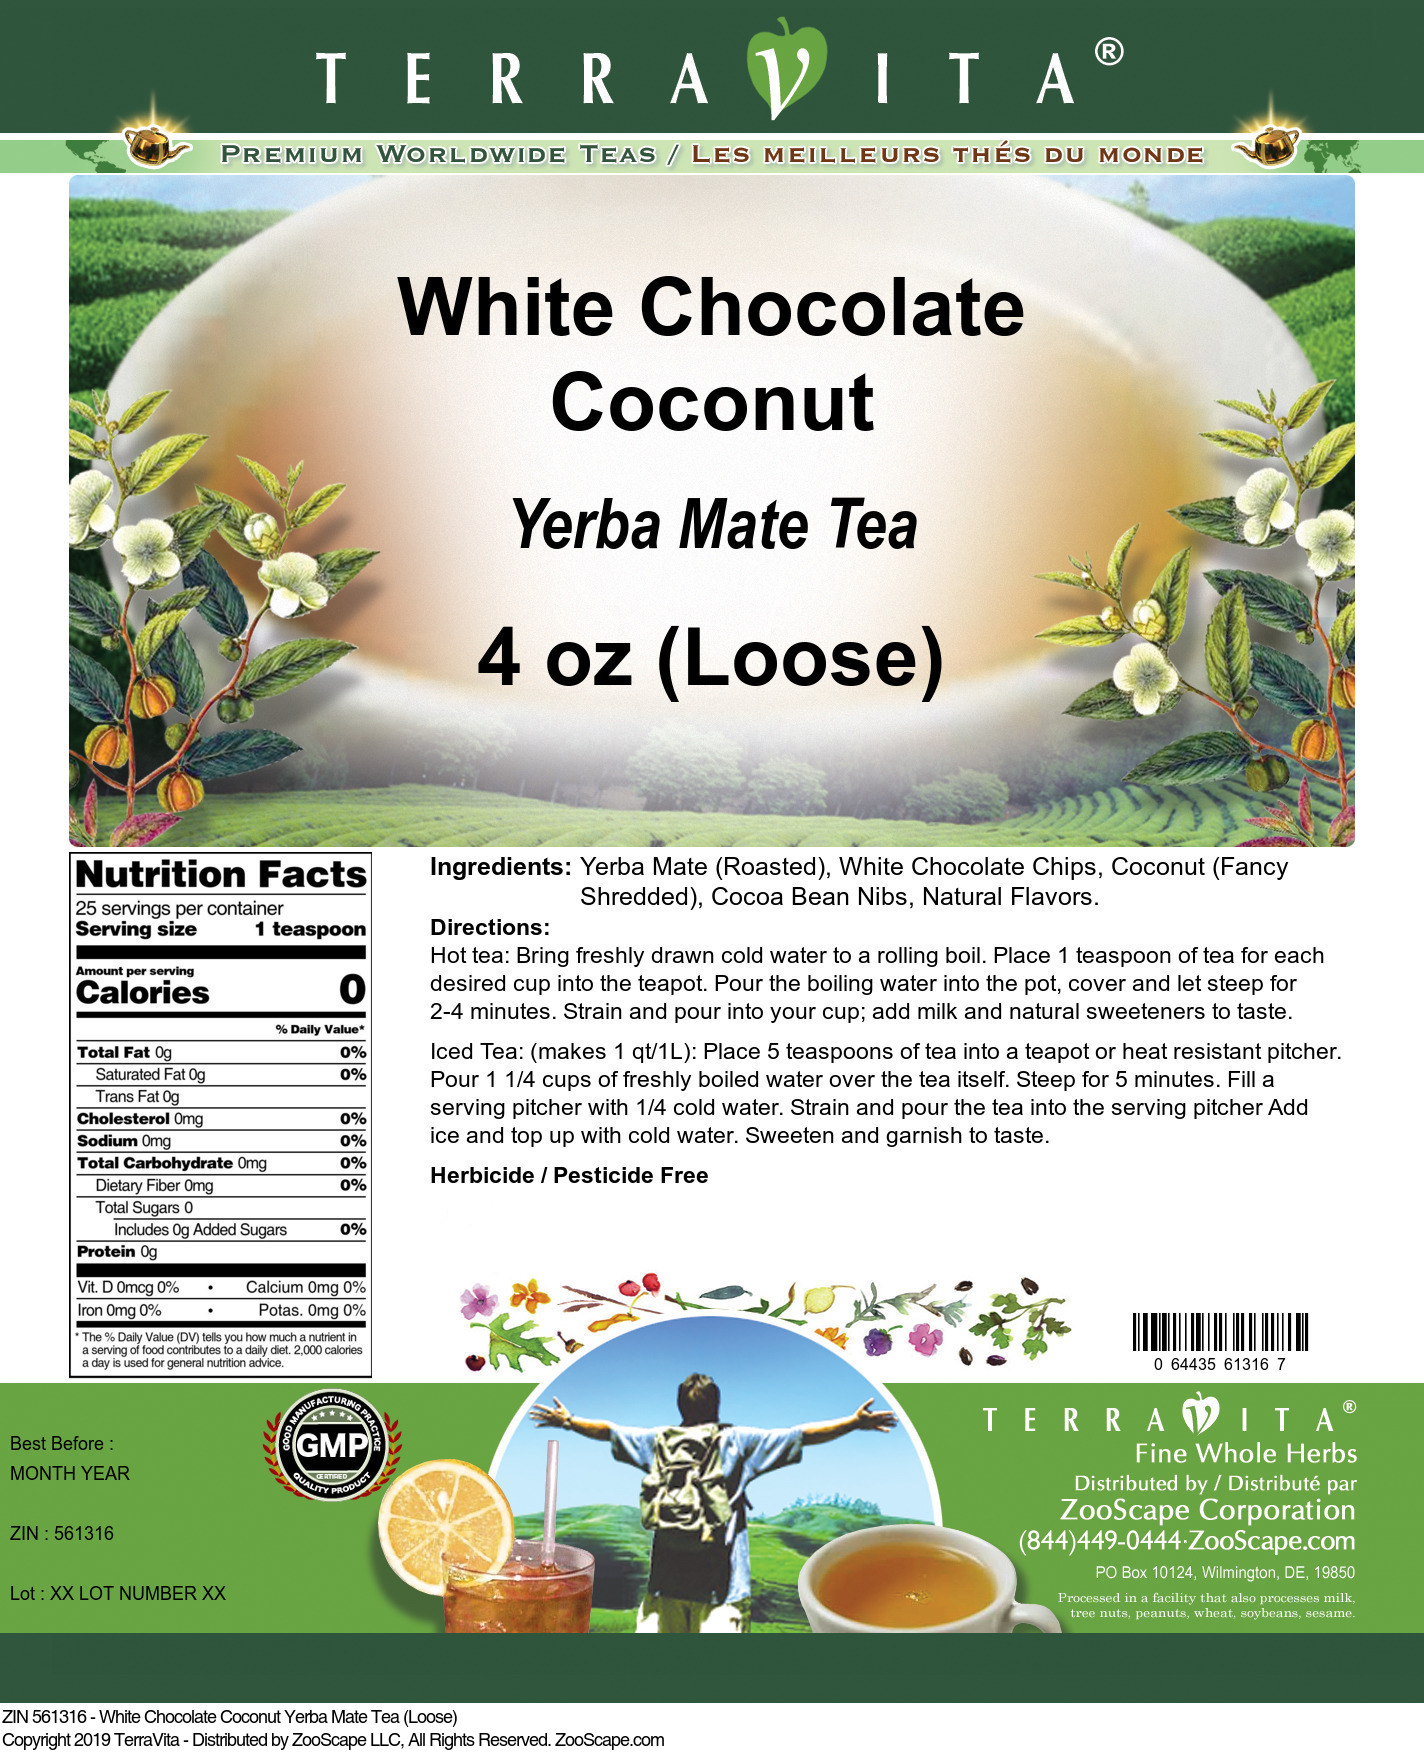 White Chocolate Coconut Yerba Mate